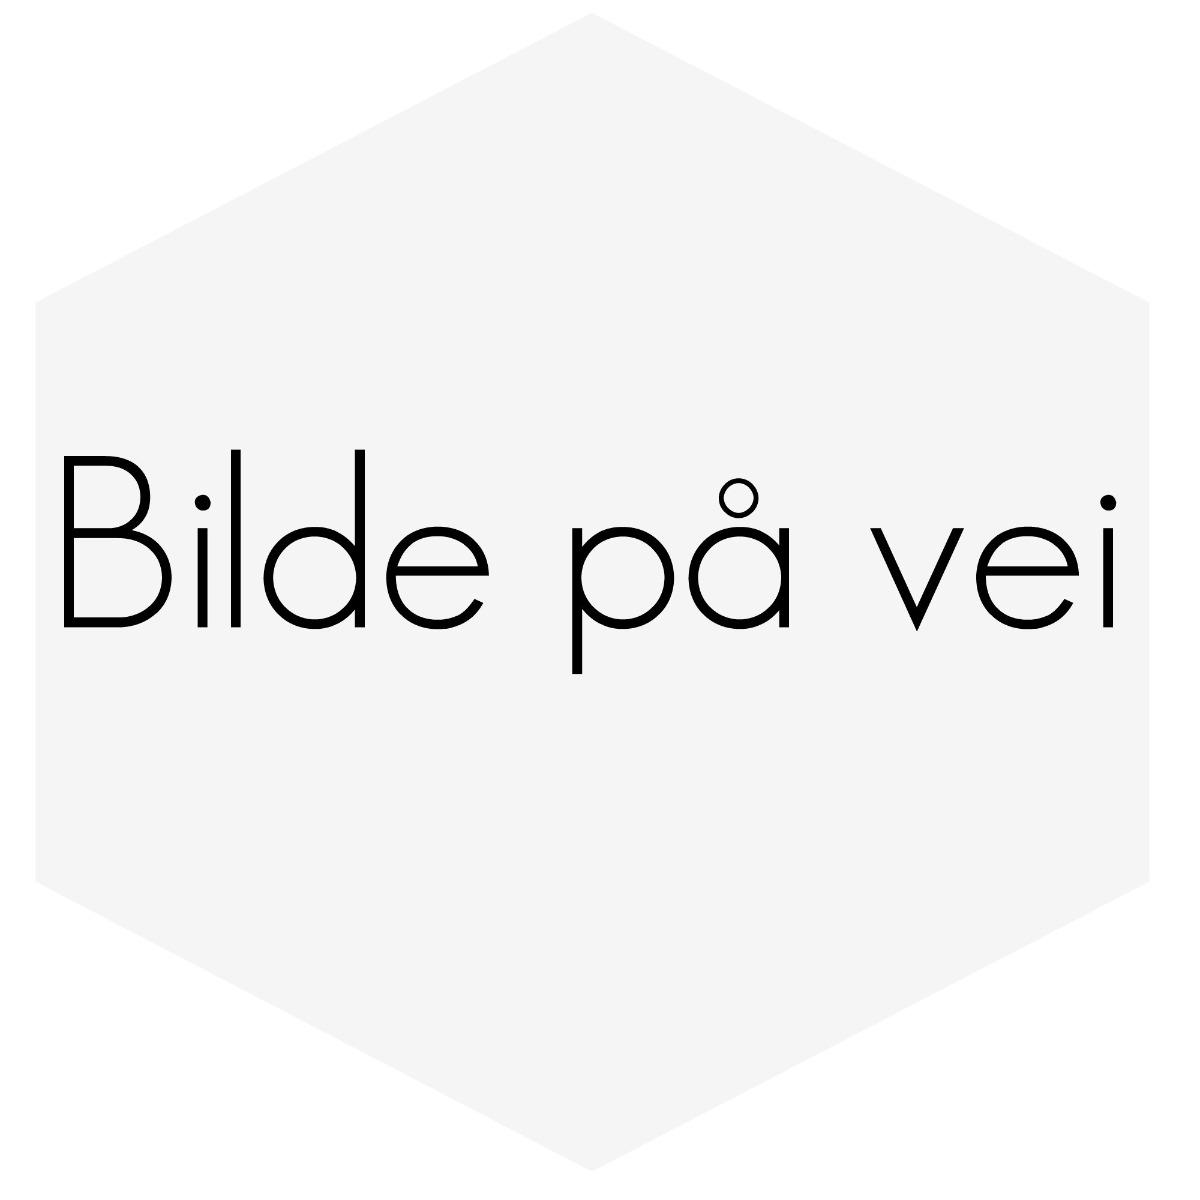 LEDNINGS ADAPTER KIT 744>89 TIL 744-90-92 PÅ BAKLAMPER